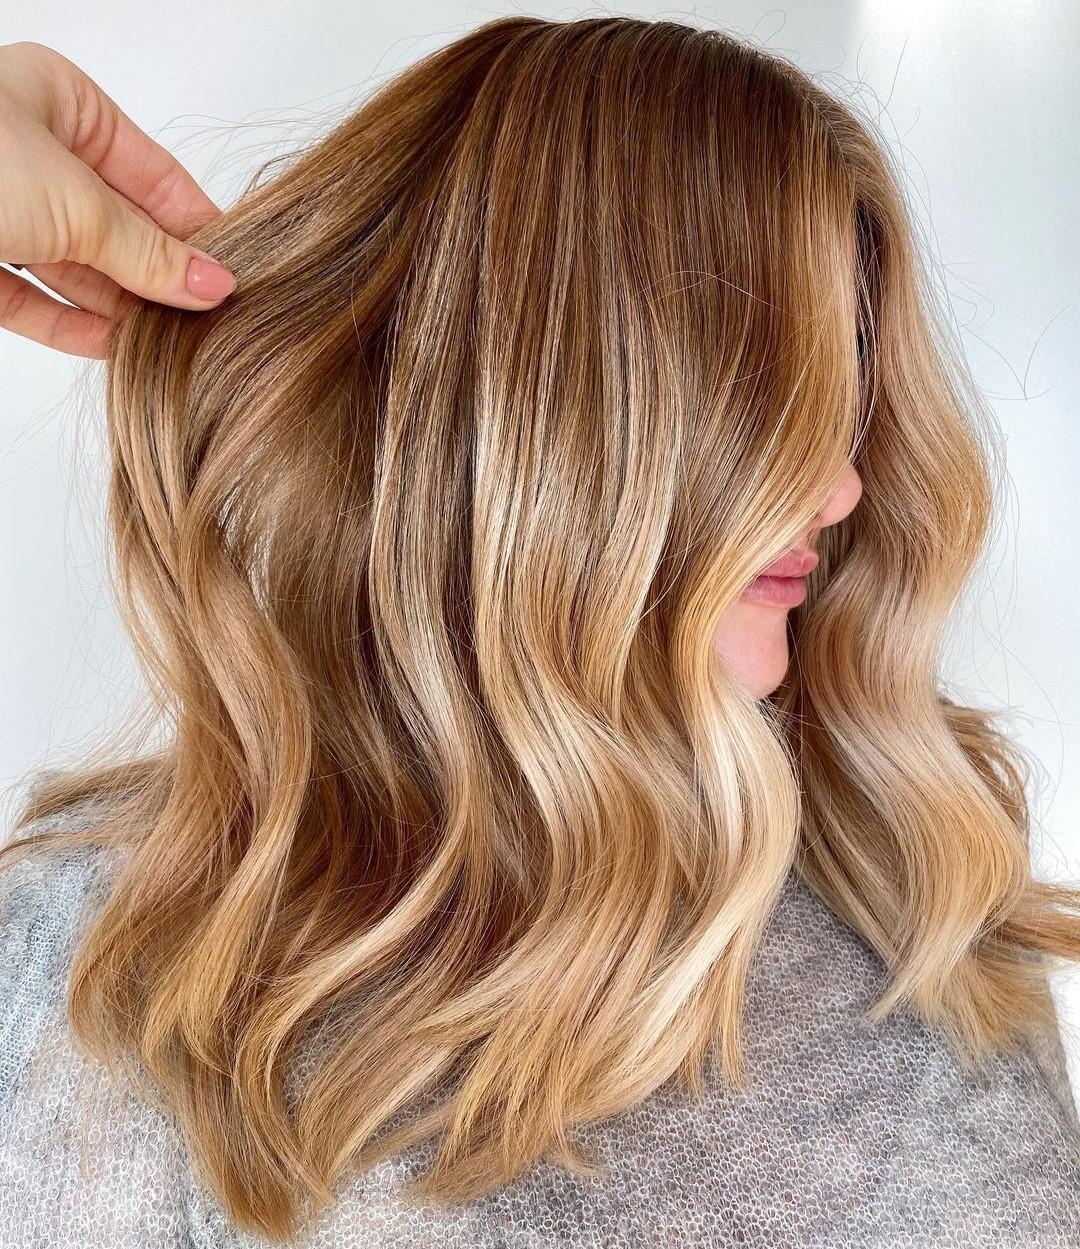 Trendy Medium-Length Caramel Honey Blonde Hair